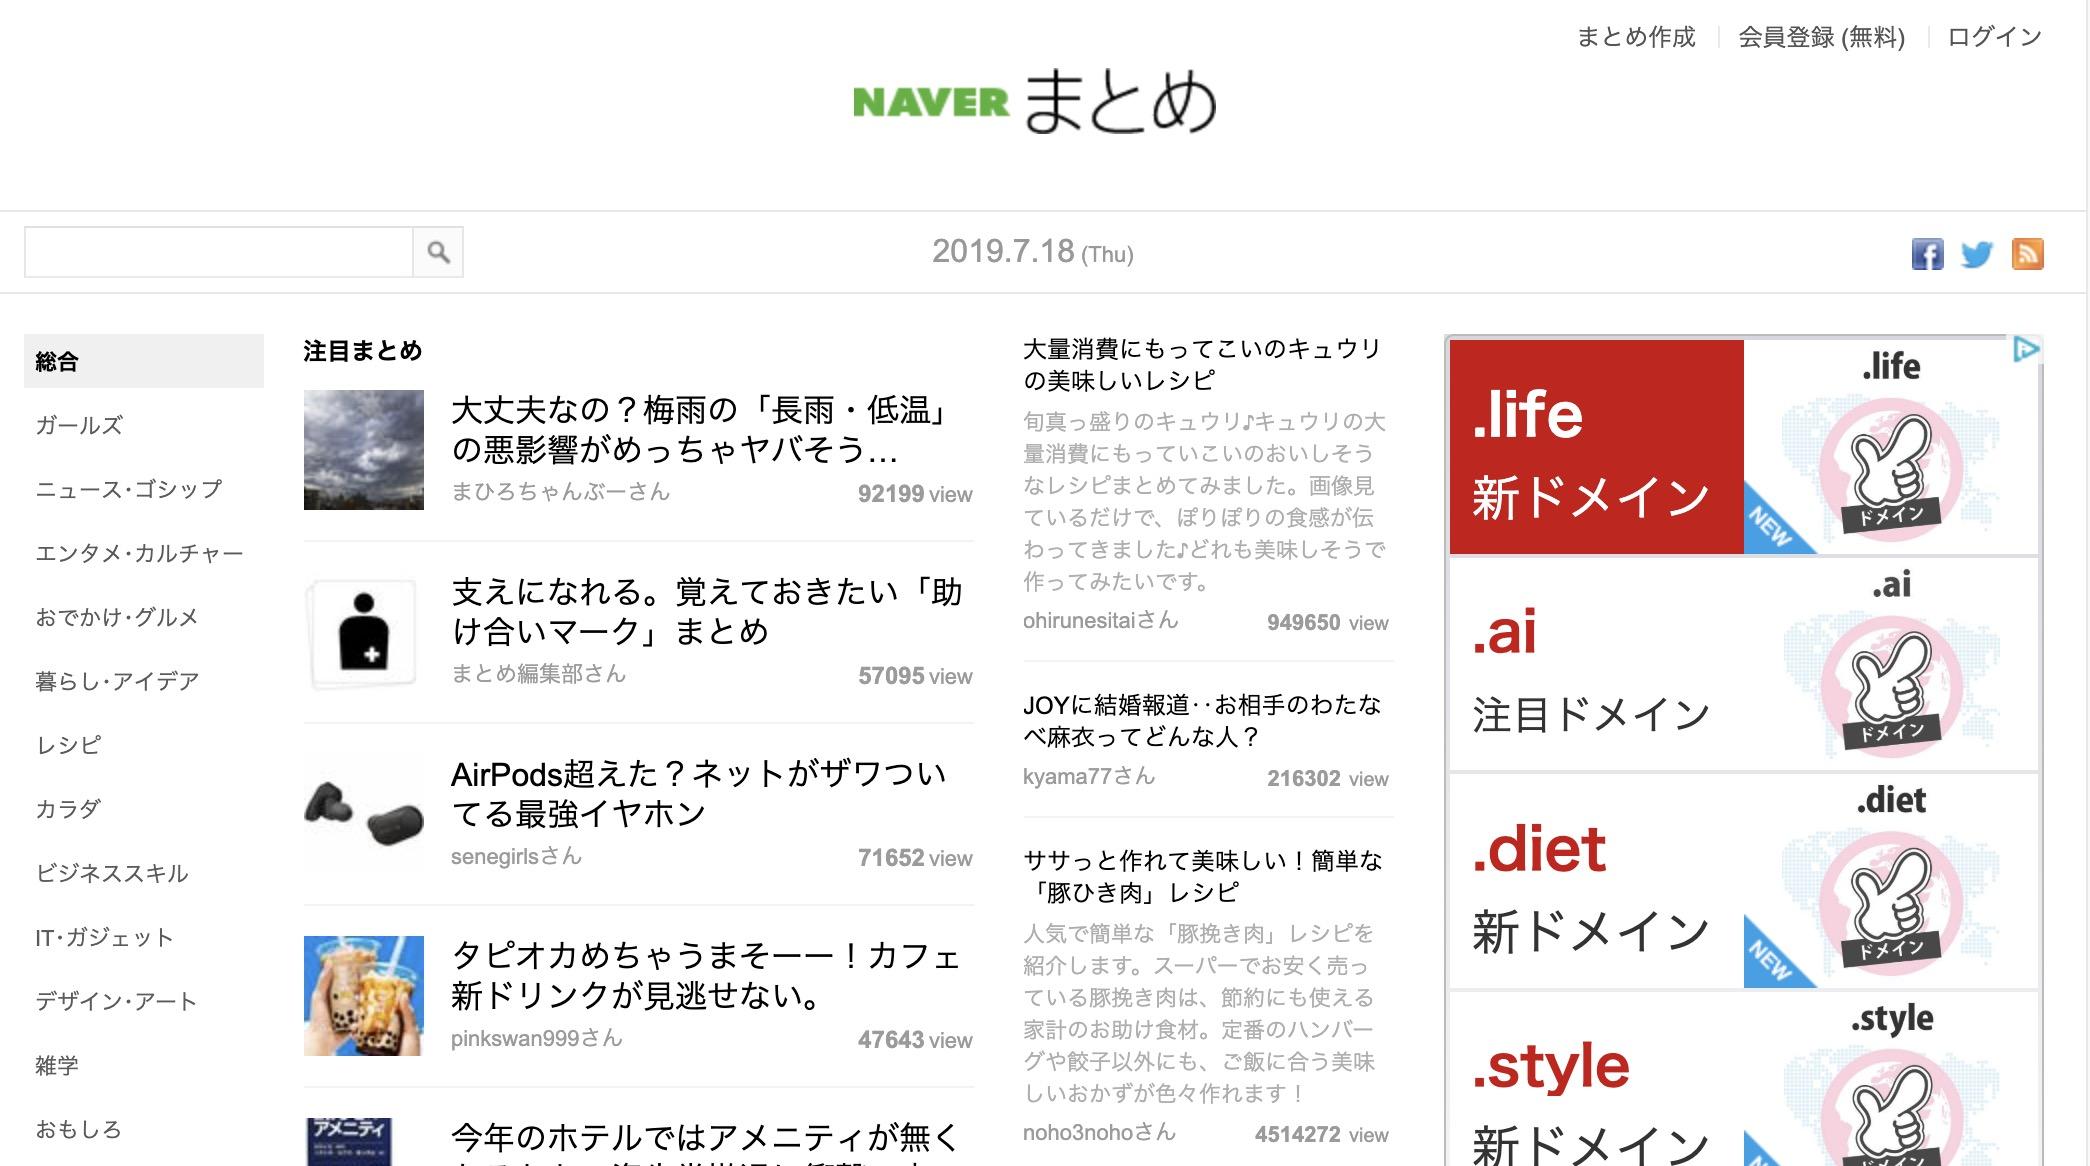 NAVERまとめのトップページ